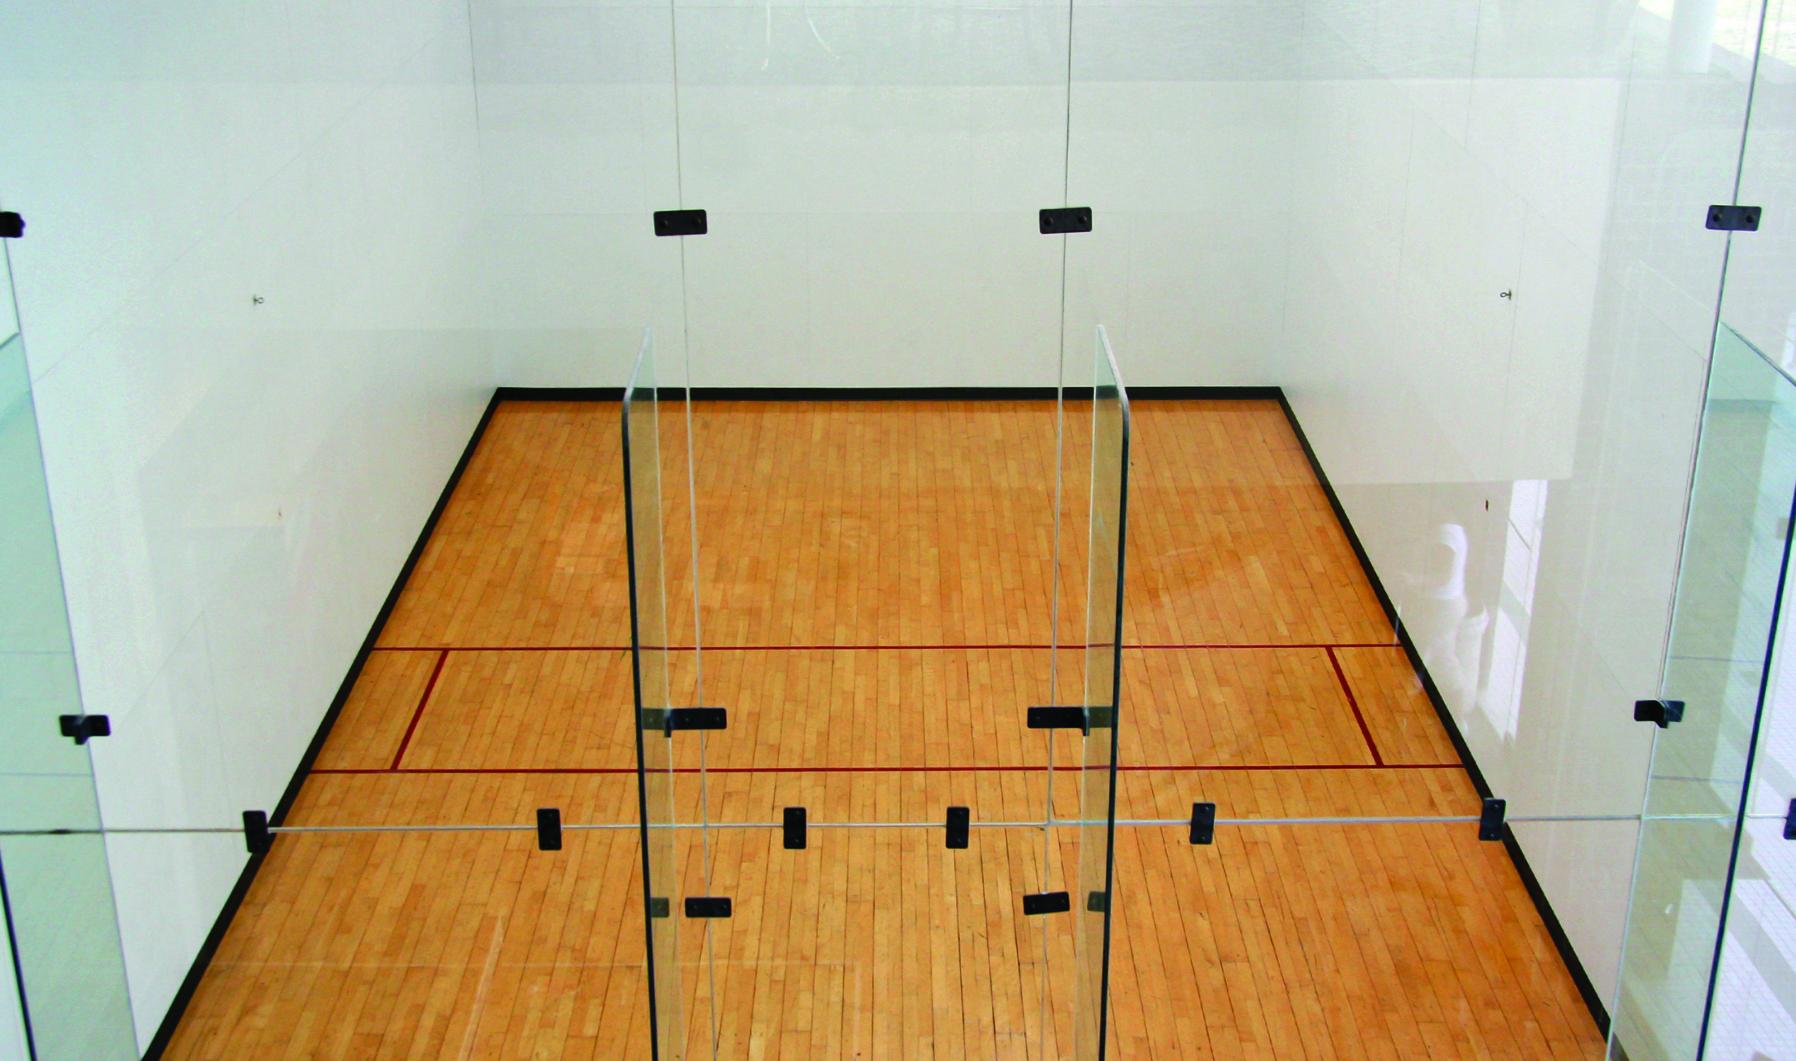 racquetball court diagram short story template design of a standard basketball joy studio